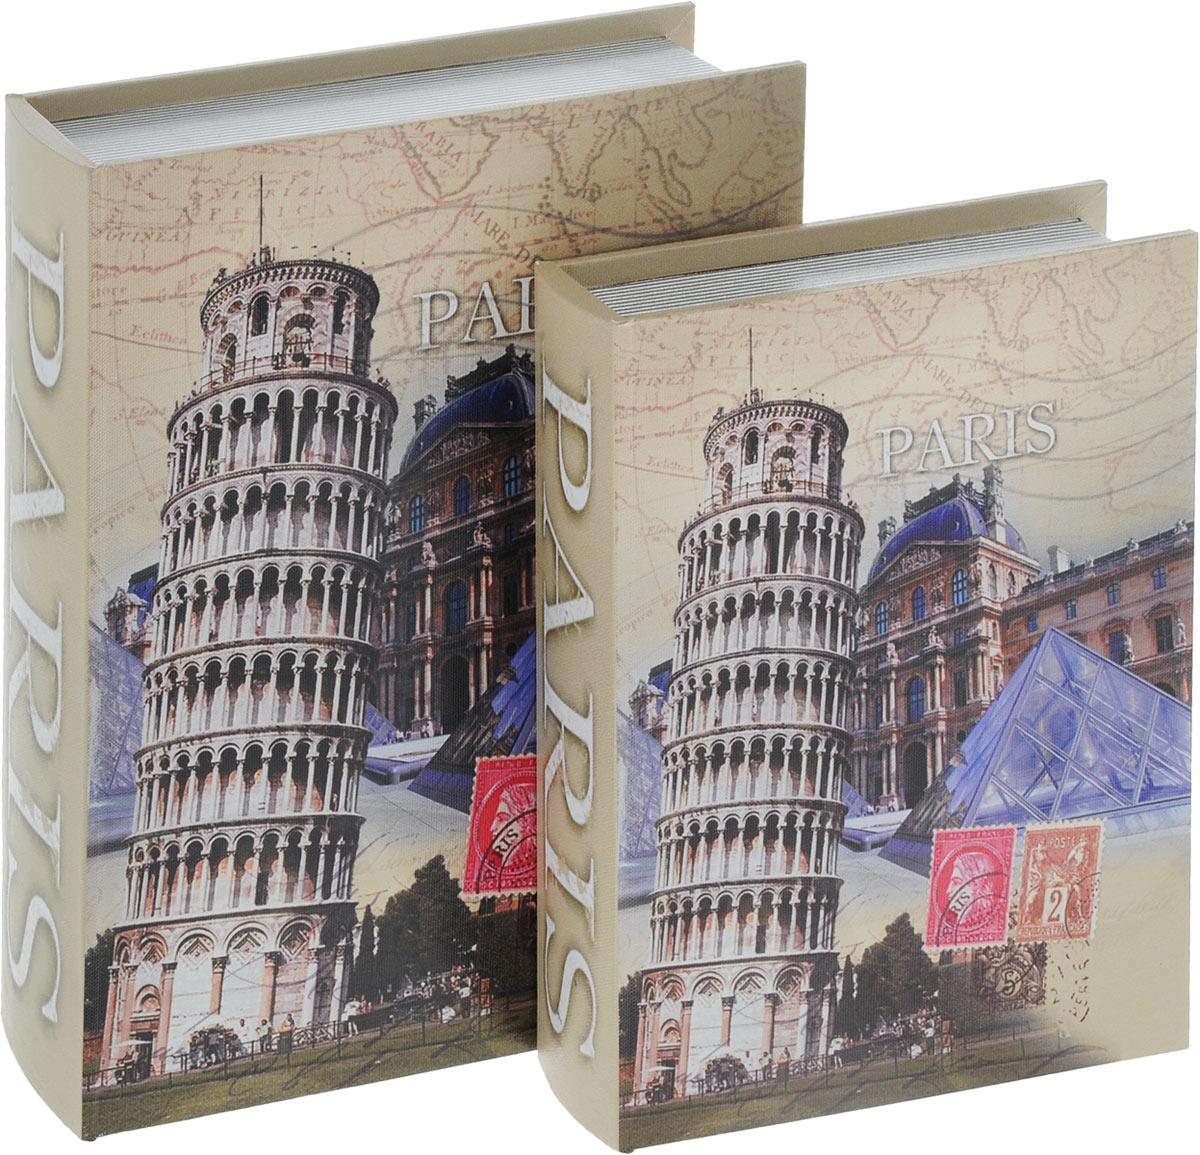 Набор шкатулок для рукоделия Bestex, 2 шт. ZW001253RG-D31SНабор Bestex состоит из двух шкатулок, изготовленных из МДФ и стилизованных под книги. Изделия оформлены оригинальными изображениями. Внутри шкатулки обтянуты тканью. Закрываются шкатулки на магниты. Изящные шкатулки с ярким дизайном предназначены для хранения мелочей, принадлежностей для шитья и творчества и других аксессуаров. Такой набор красиво оформит интерьер комнаты и поможет хранить ваши вещи в порядке. Размер маленькой шкатулки: 19 х 27 х 5 см.Размер большой шкатулки: 24 х 32 х 7 см.